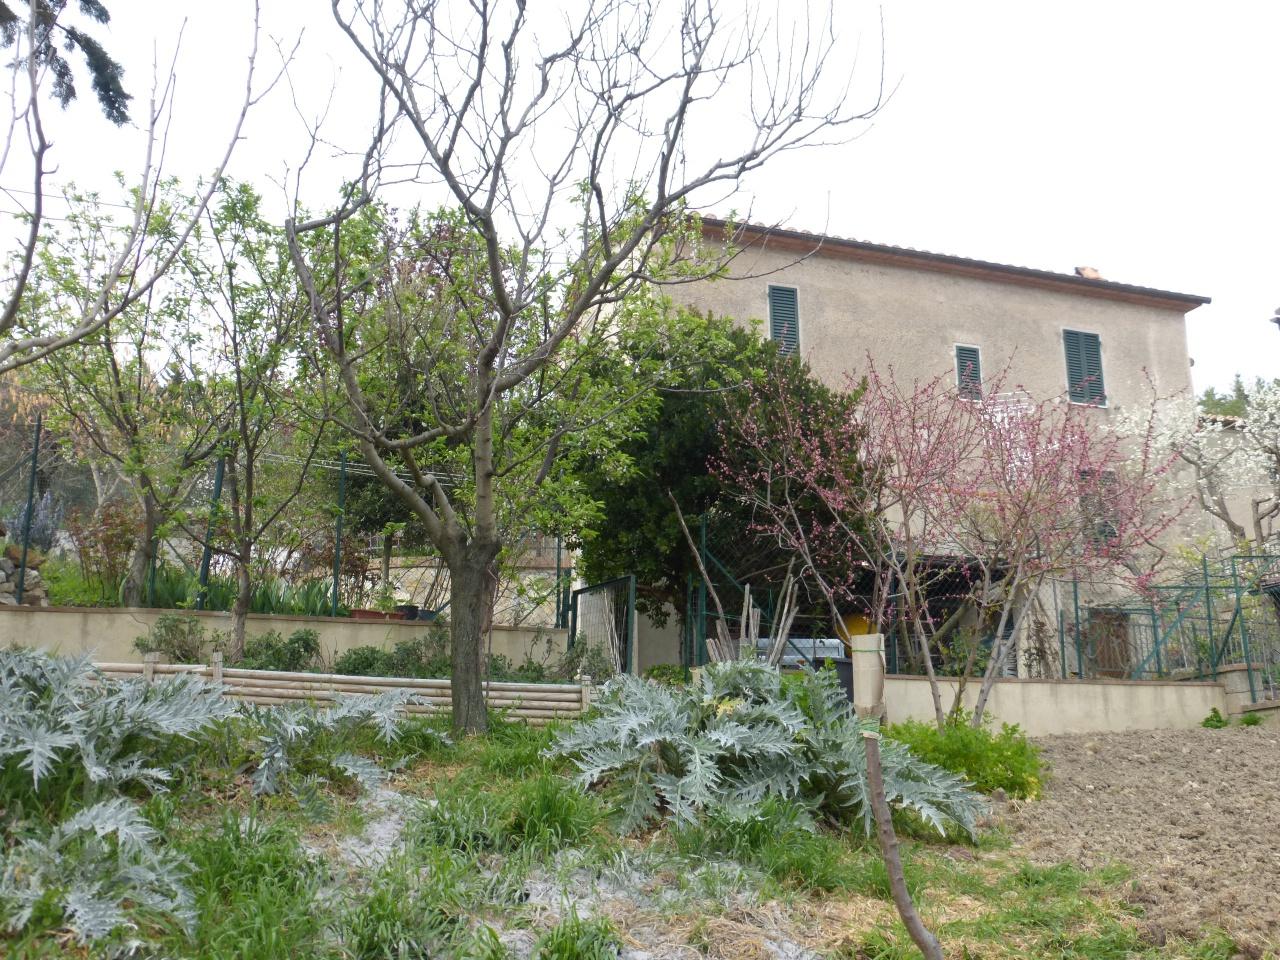 Appartamento in vendita a Seggiano, 5 locali, prezzo € 165.000 | PortaleAgenzieImmobiliari.it